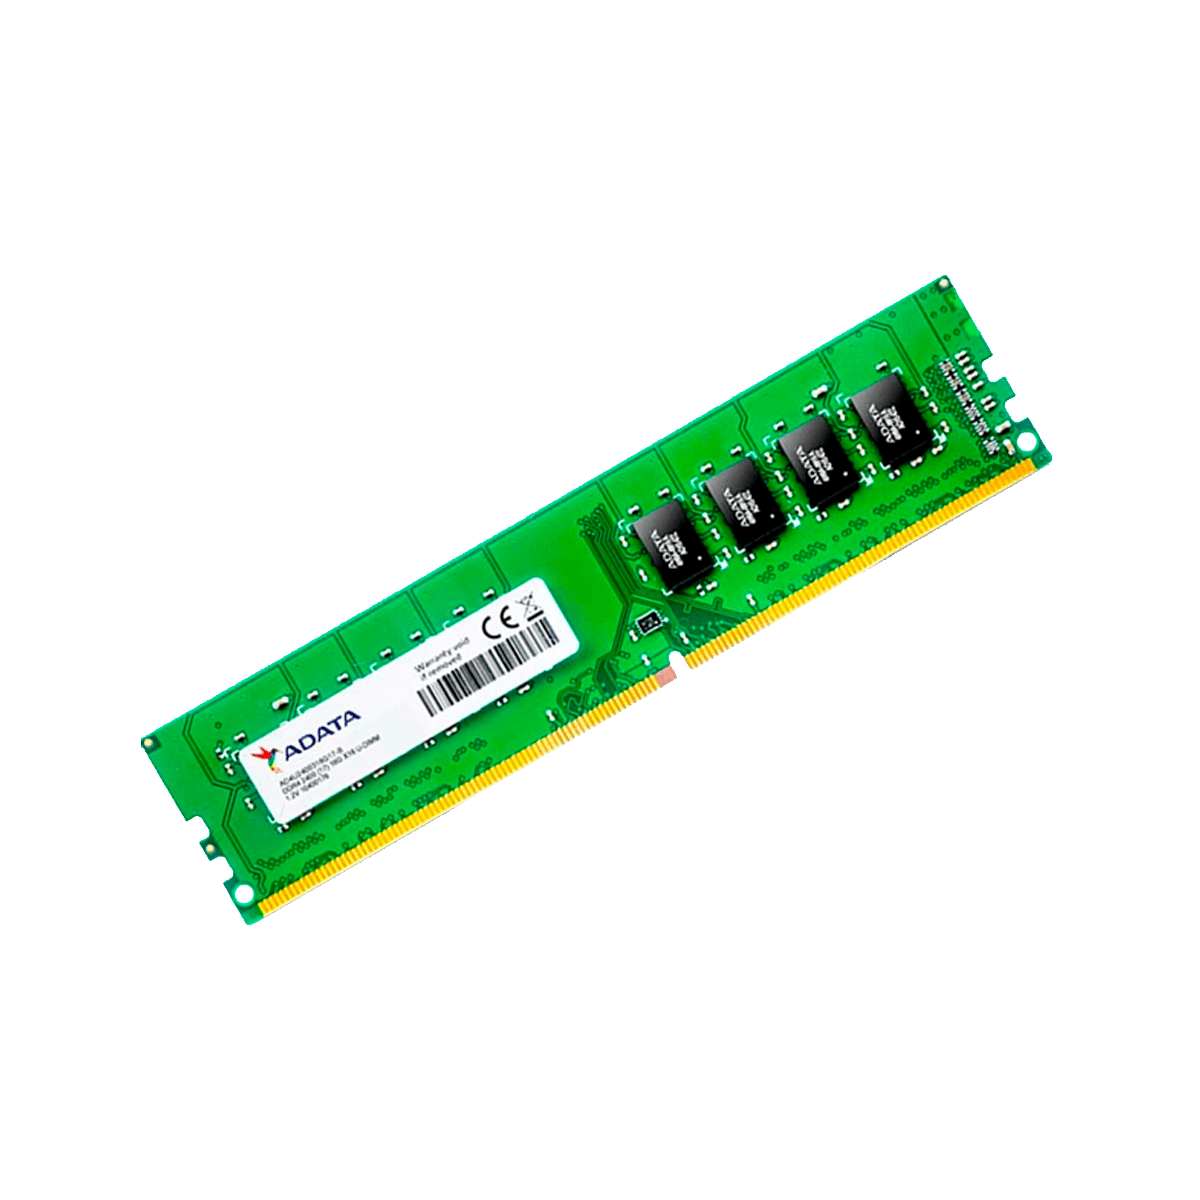 MEMORIA ADATA 4GB DDR3-1600MHZ LOW VOLTAGE - ADDX1600W4G11-SPU